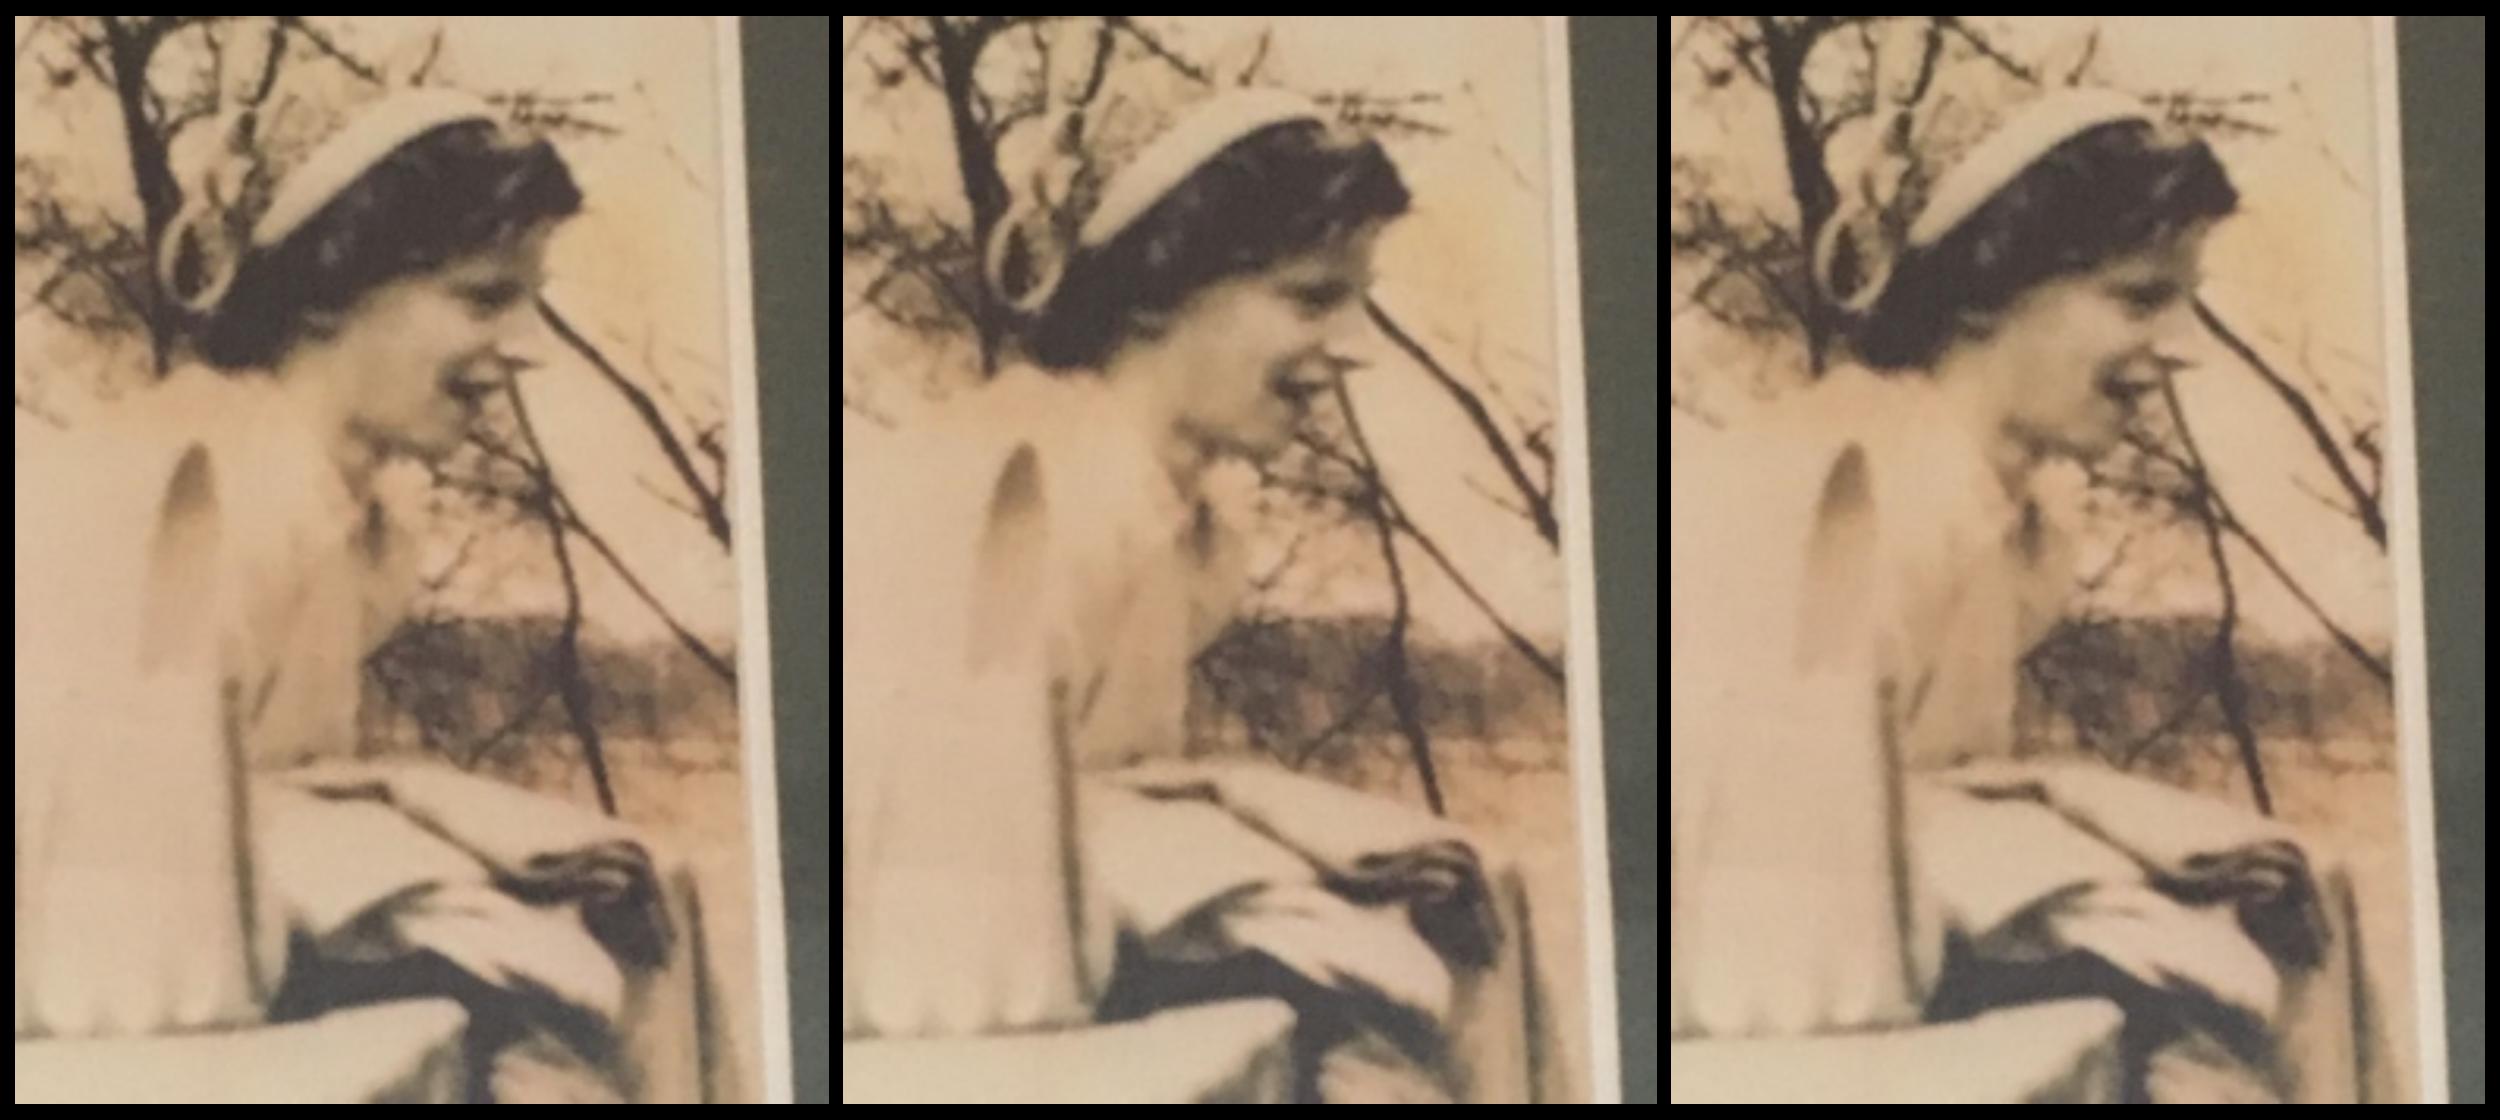 Margaret, aged 24